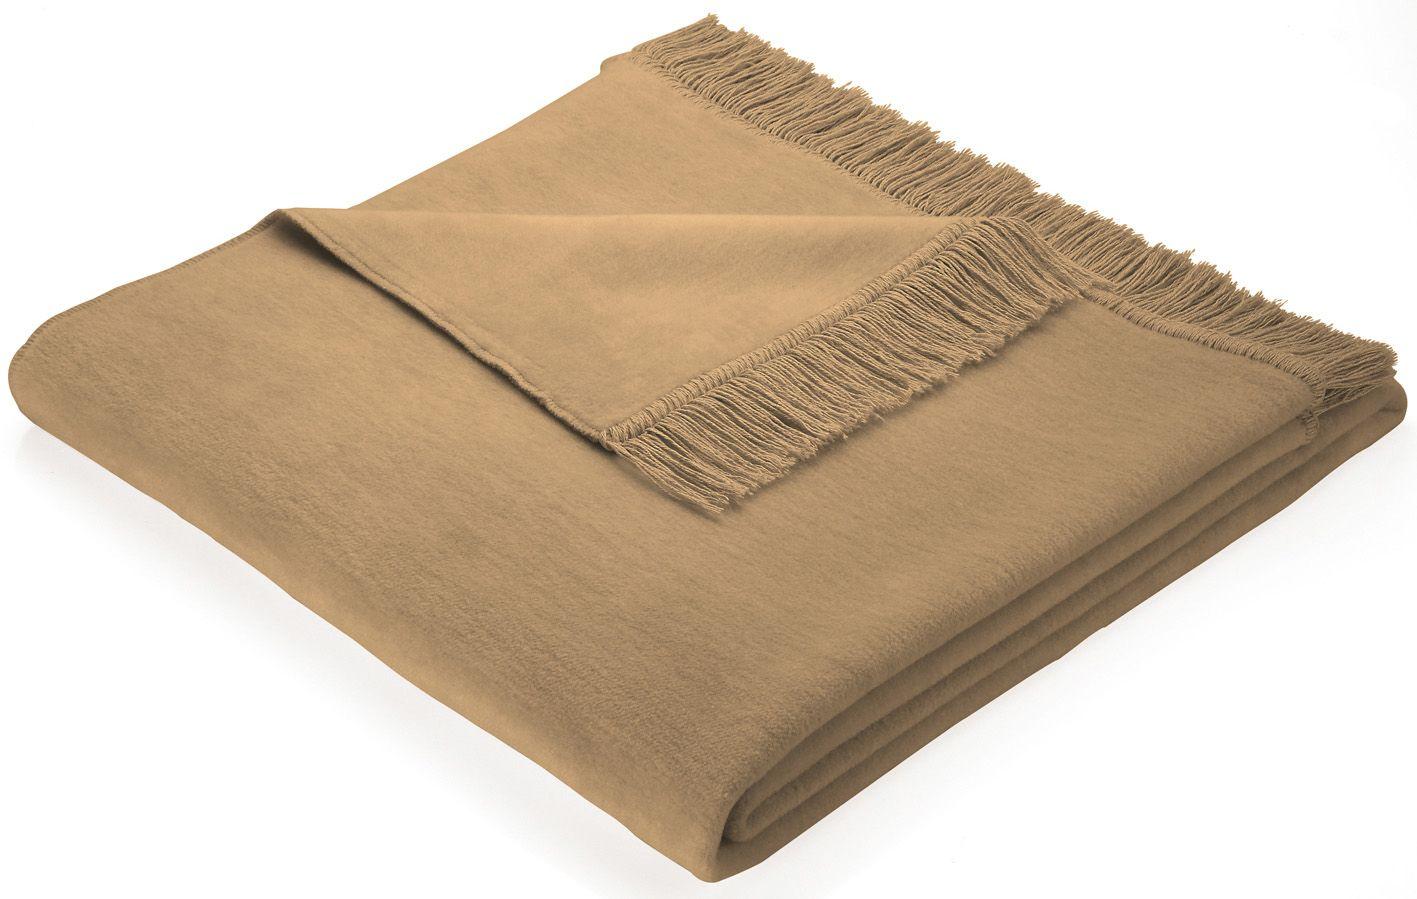 BIEDERLACK Sofaläufer, Biederlack, »Cotton Cover«, mit Fransen versehen